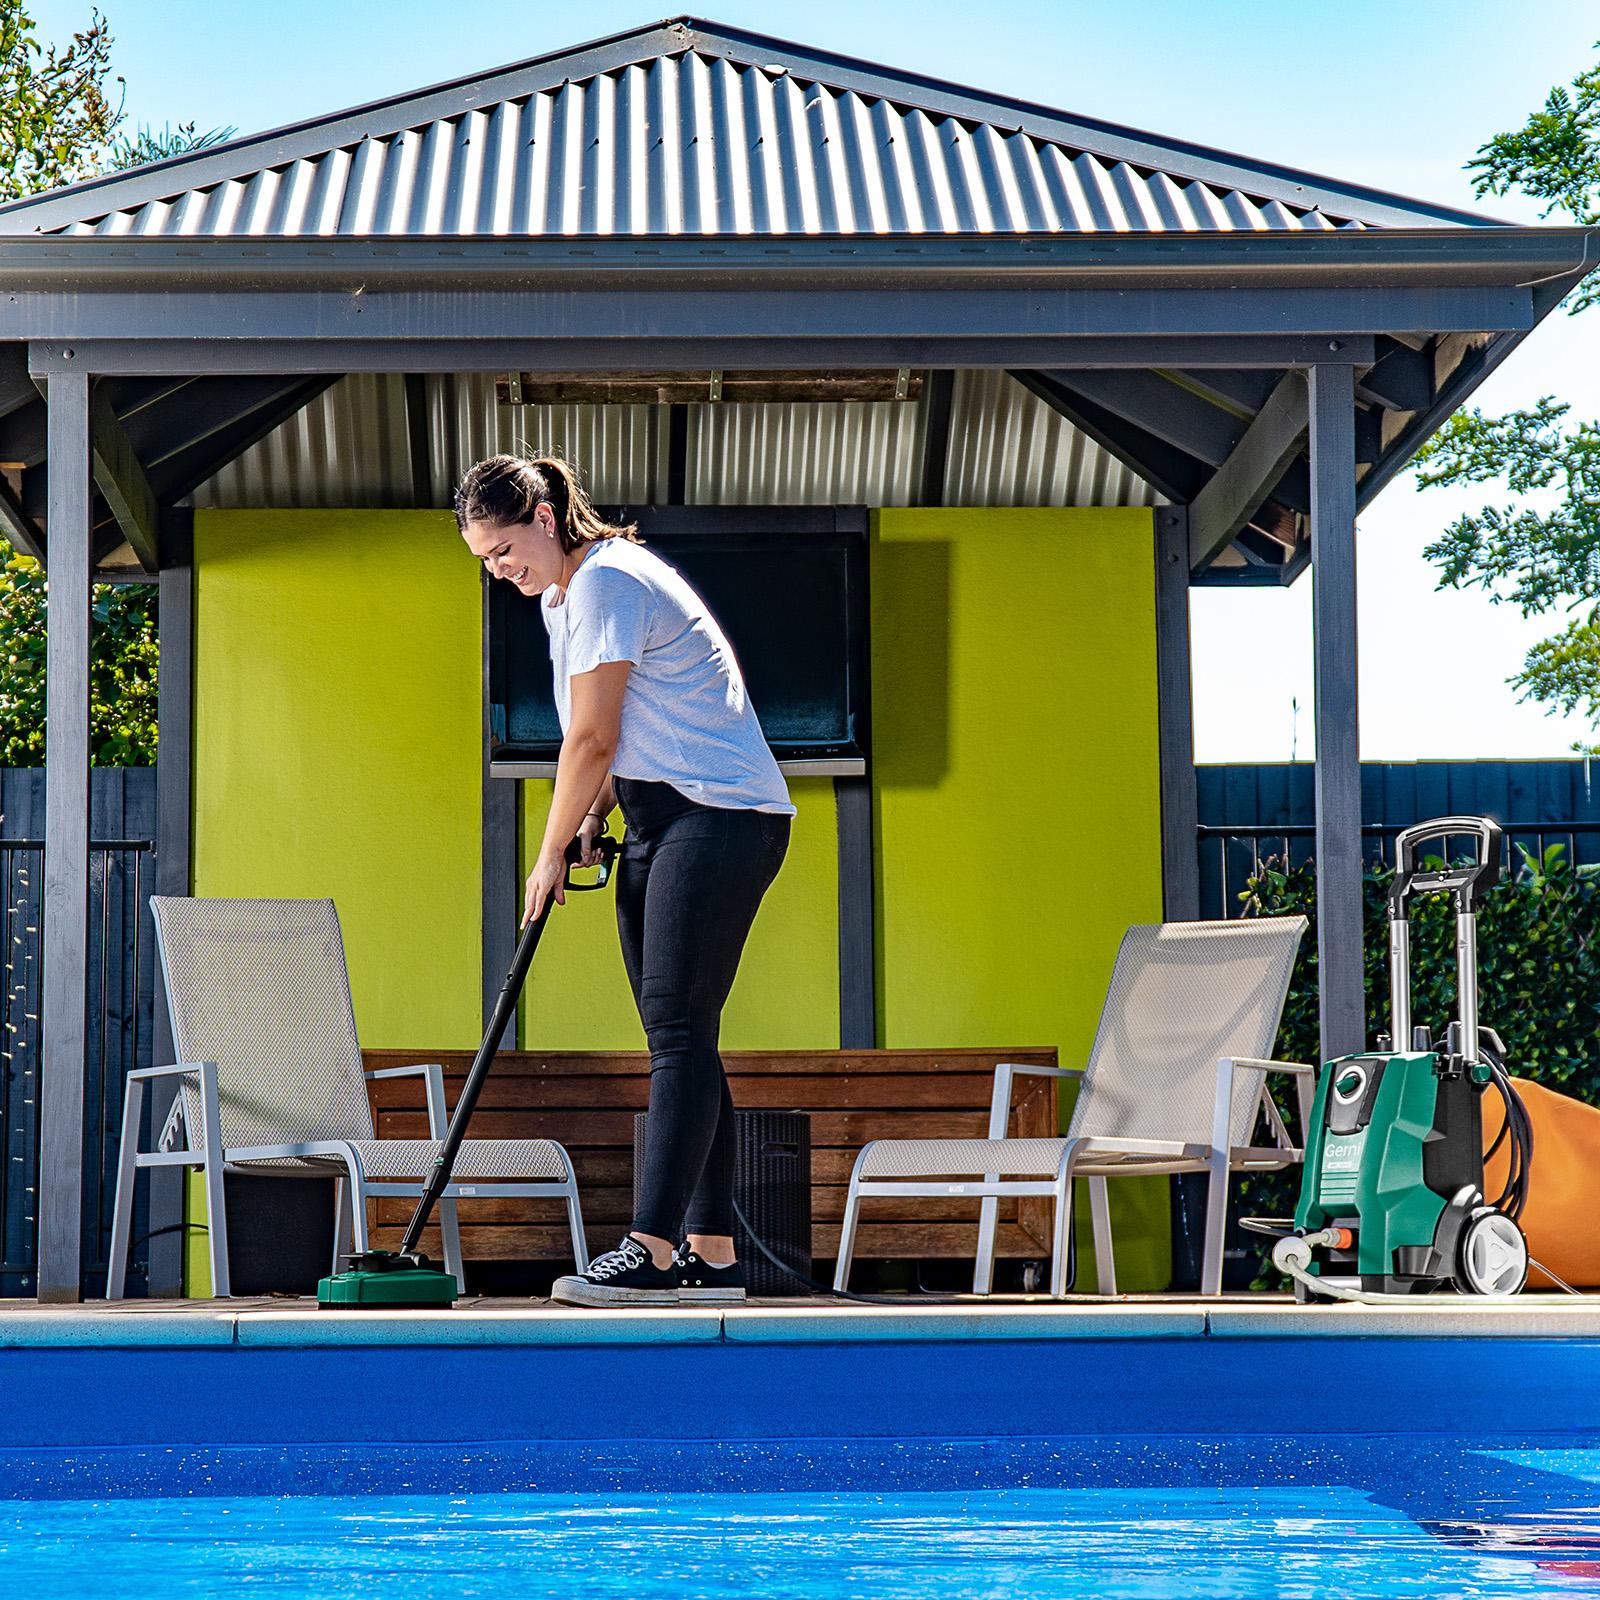 Gerni 5300 - Mid Patio Cleaner - Pool Area